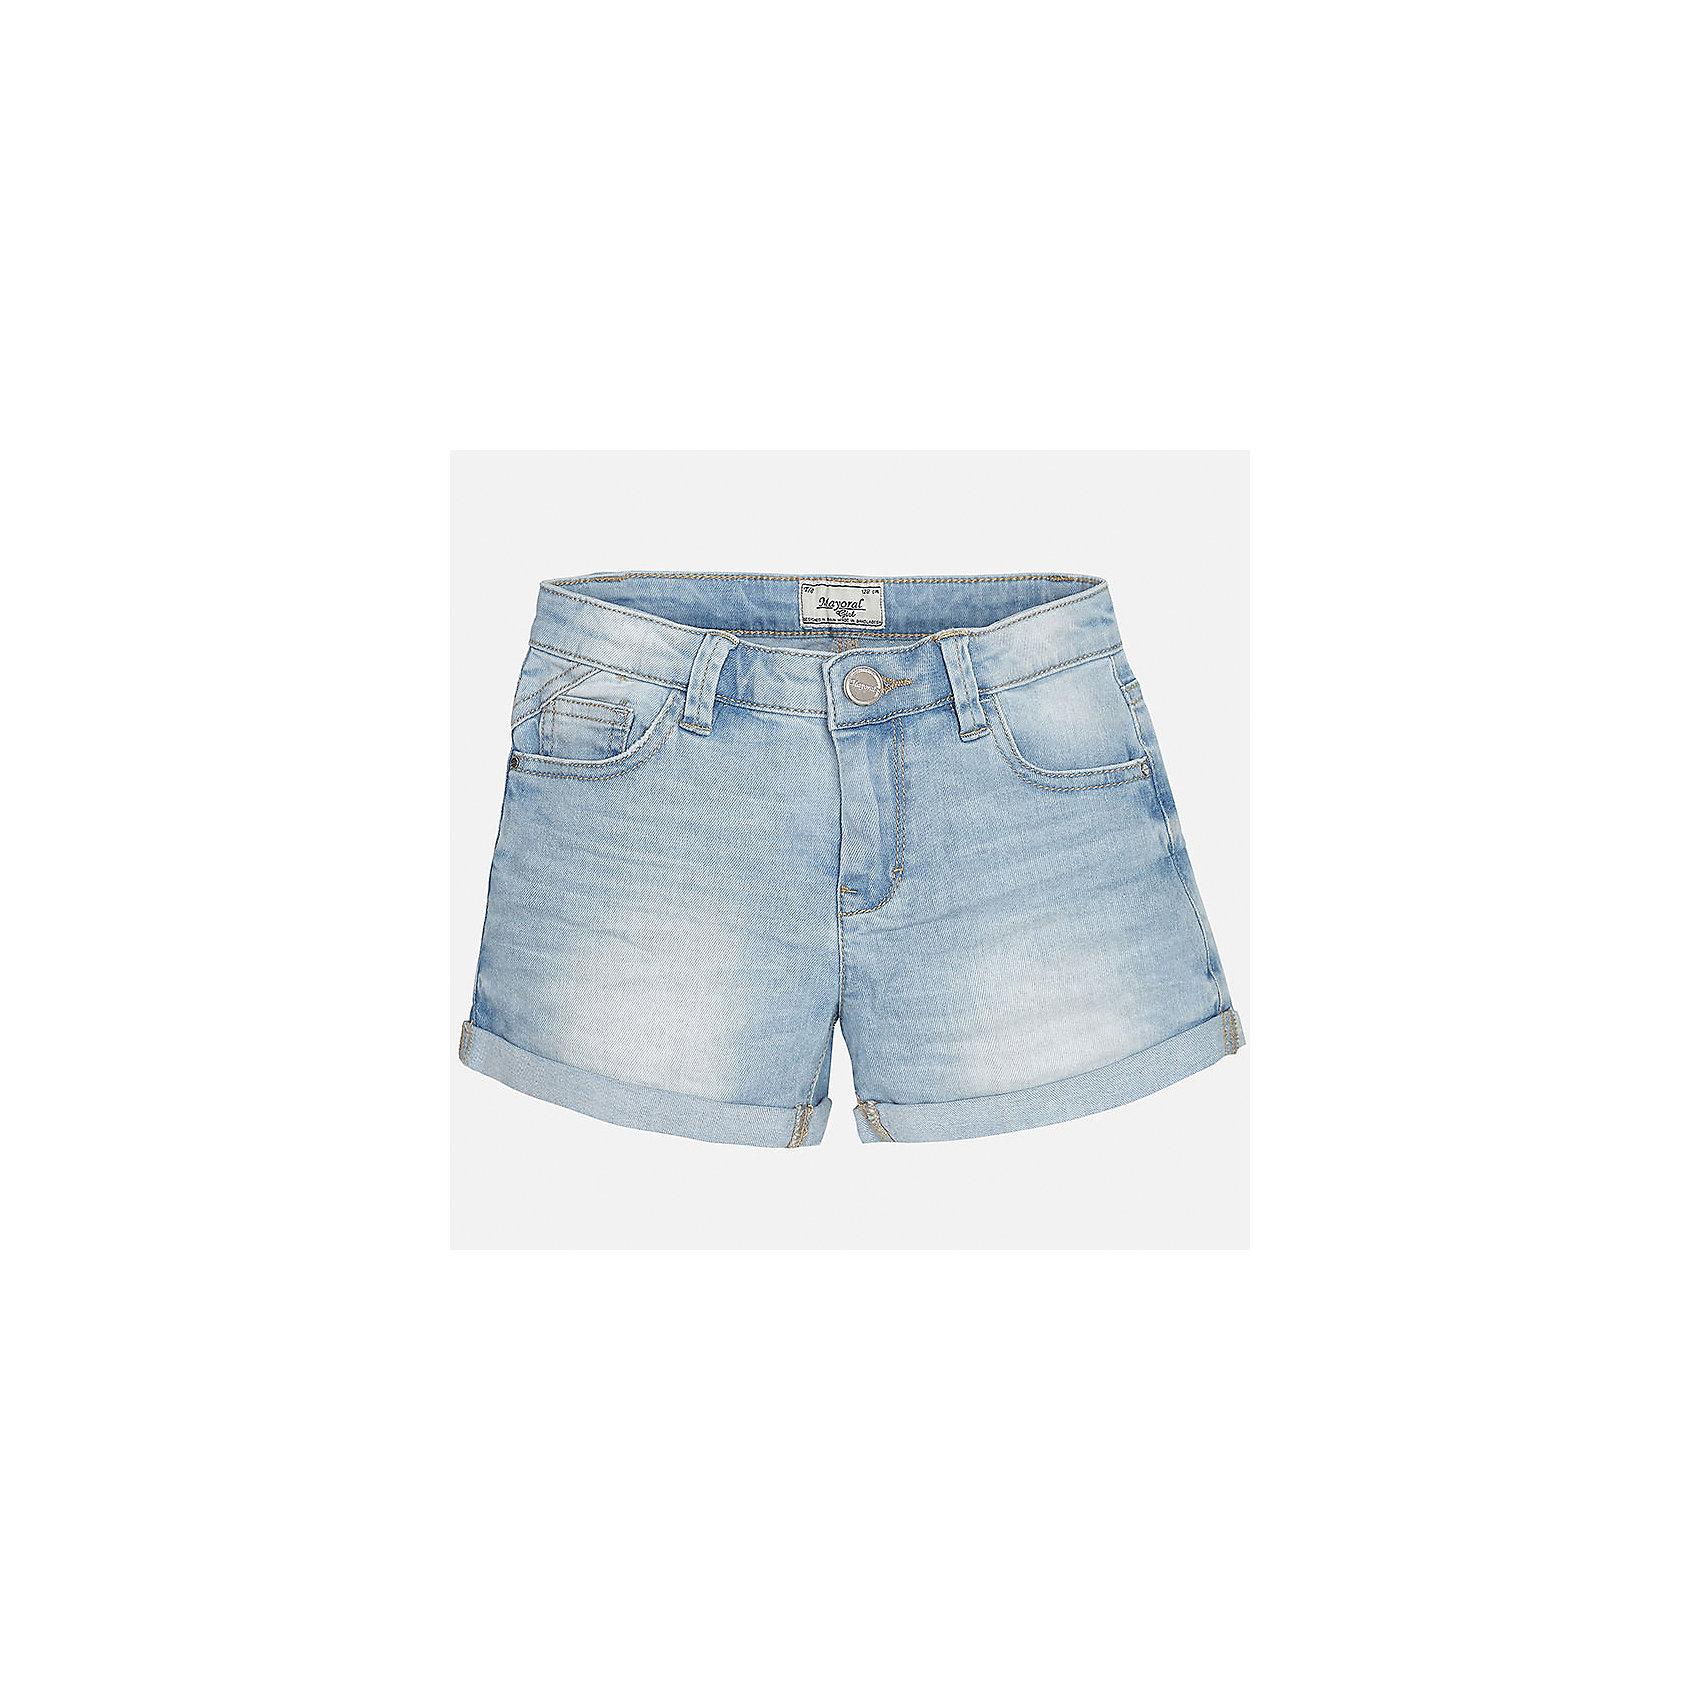 Шорты джинсовые для девочки MayoralДжинсовая одежда<br>Характеристики товара:<br><br>• цвет: голубой<br>• состав: 98% хлопок, 23% эластан<br>• эффект потертостей<br>• шлевки<br>• карманы<br>• пояс с регулировкой объема<br>• классический силуэт<br>• страна бренда: Испания<br><br>Классические шорты для девочки смогут стать базовой вещью в гардеробе ребенка. В составе материала - натуральный хлопок, гипоаллергенный, приятный на ощупь, дышащий.<br><br>Шорты для девочки от испанского бренда Mayoral (Майорал) можно купить в нашем интернет-магазине.<br><br>Ширина мм: 191<br>Глубина мм: 10<br>Высота мм: 175<br>Вес г: 273<br>Цвет: голубой<br>Возраст от месяцев: 132<br>Возраст до месяцев: 144<br>Пол: Женский<br>Возраст: Детский<br>Размер: 152,158,128/134,140<br>SKU: 5587410